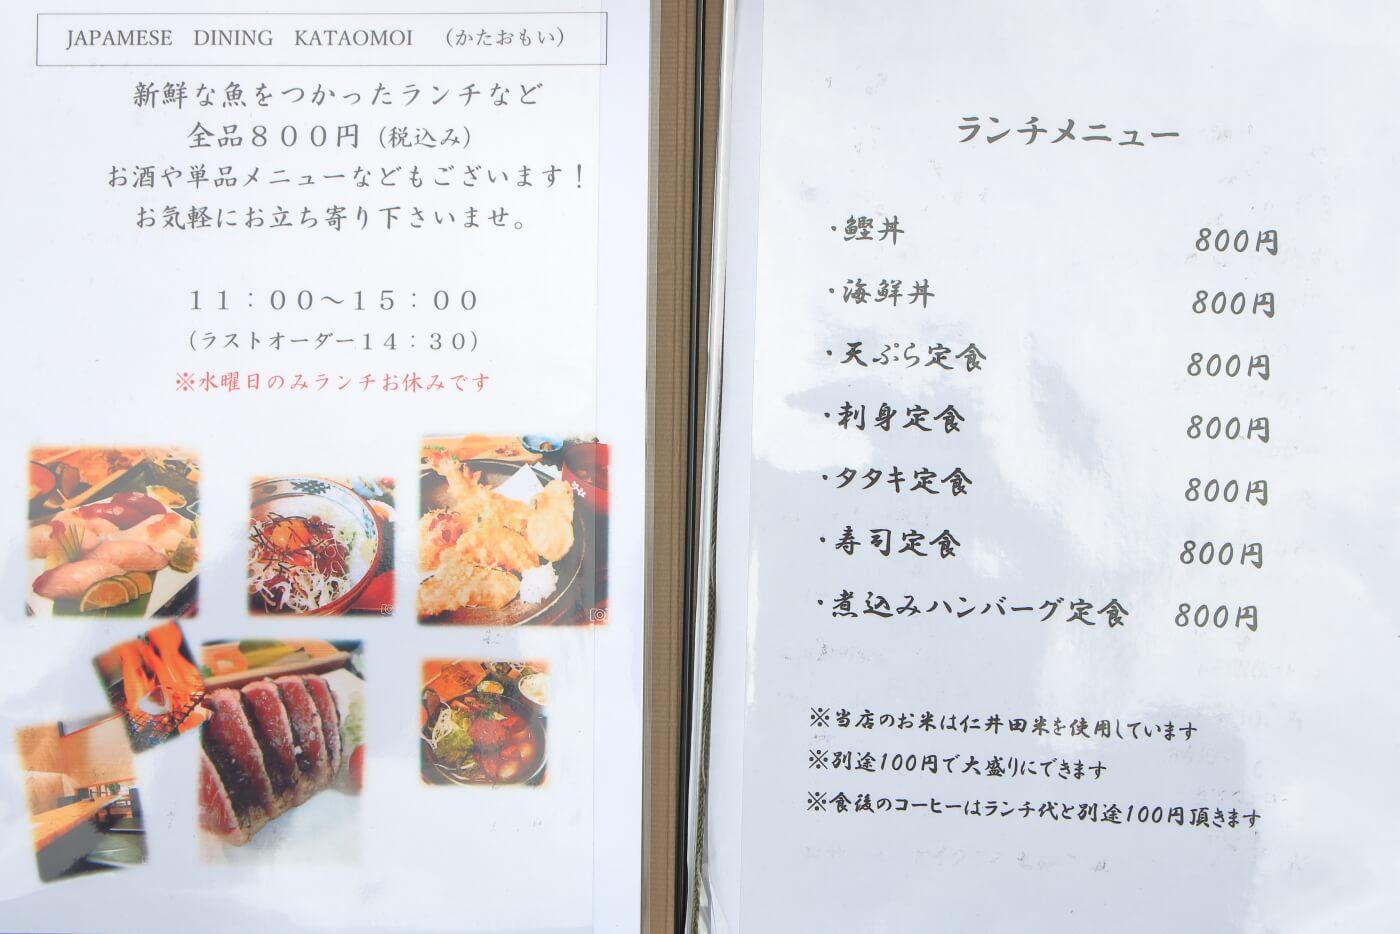 高知市の居酒屋 kataomoi(かたおもい)ランチメニュー